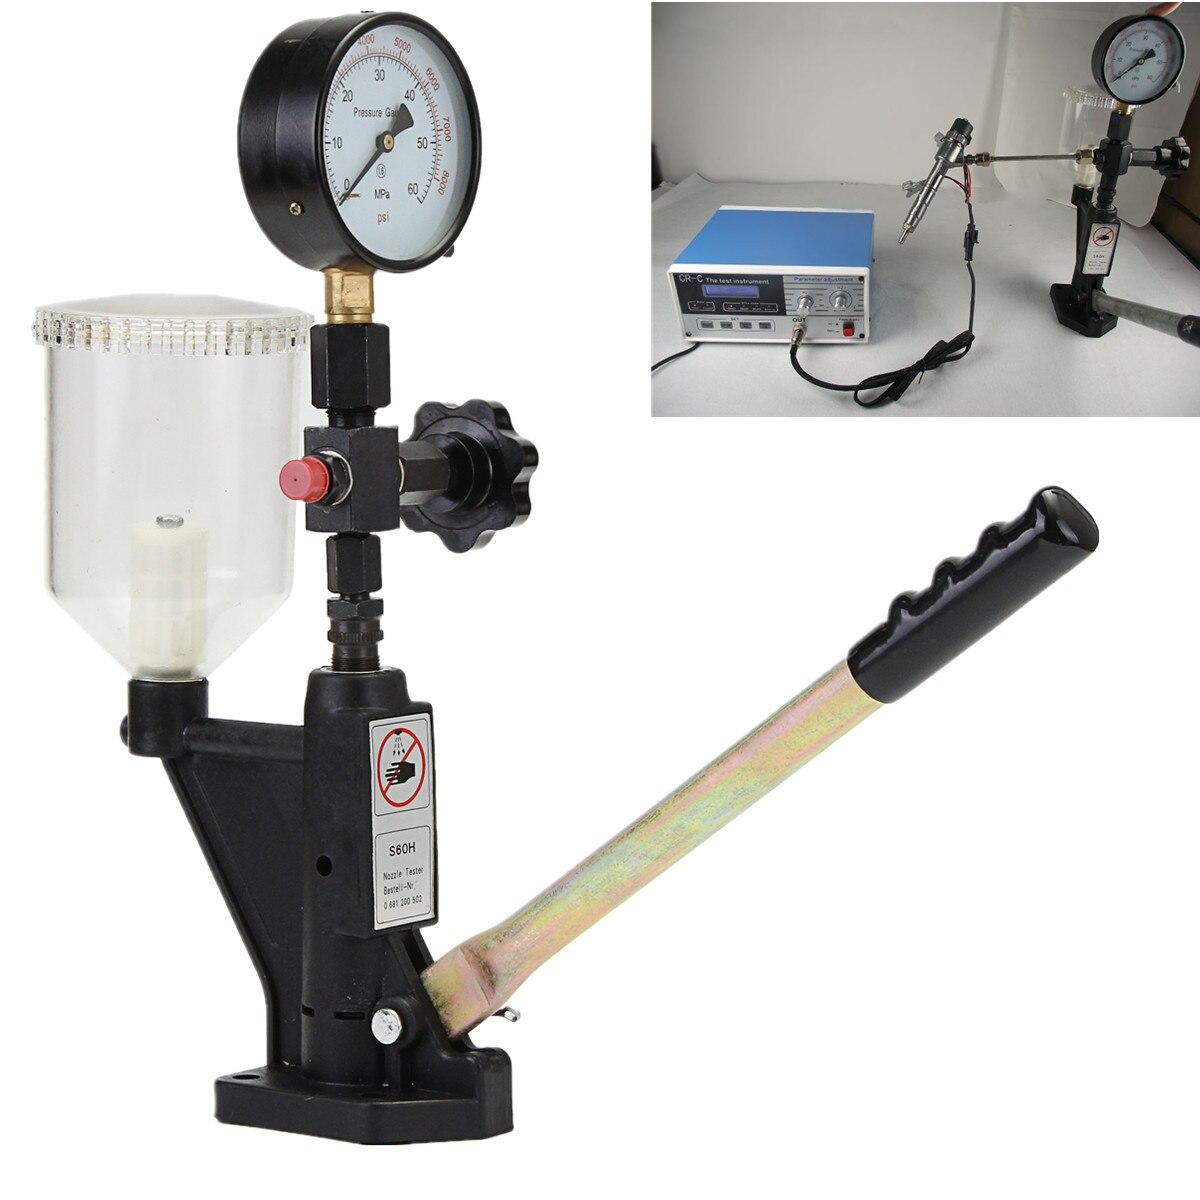 Calibrateur d'injecteur de carburant jauge à double échelle Max 60 Mpa buse testeur de Pop-pression 0-400 BAR outil de Rail commun métal de Diagnostic